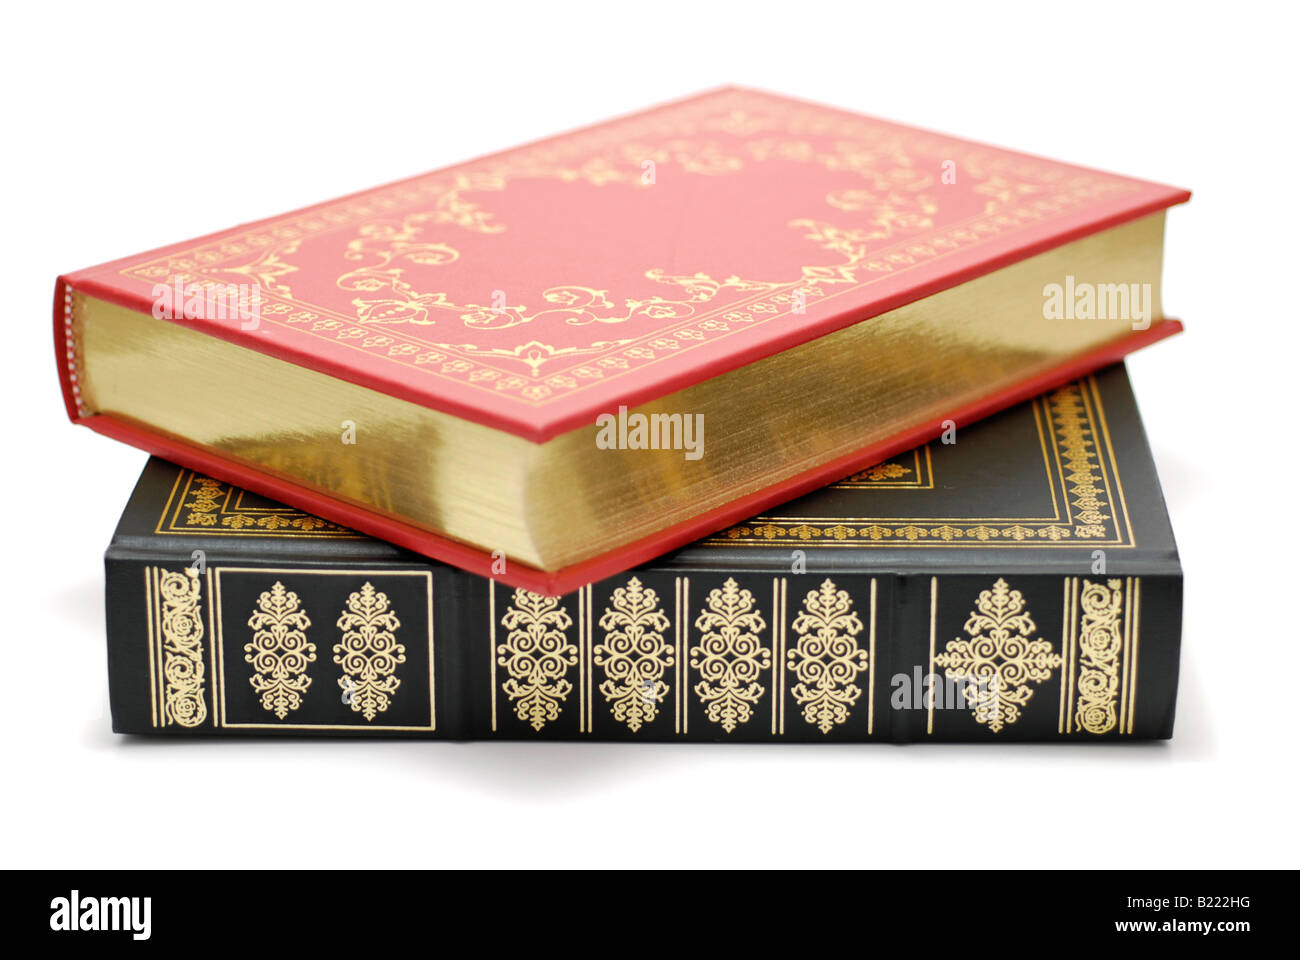 Livres reliés en cuir avec aucun titre Photo Stock